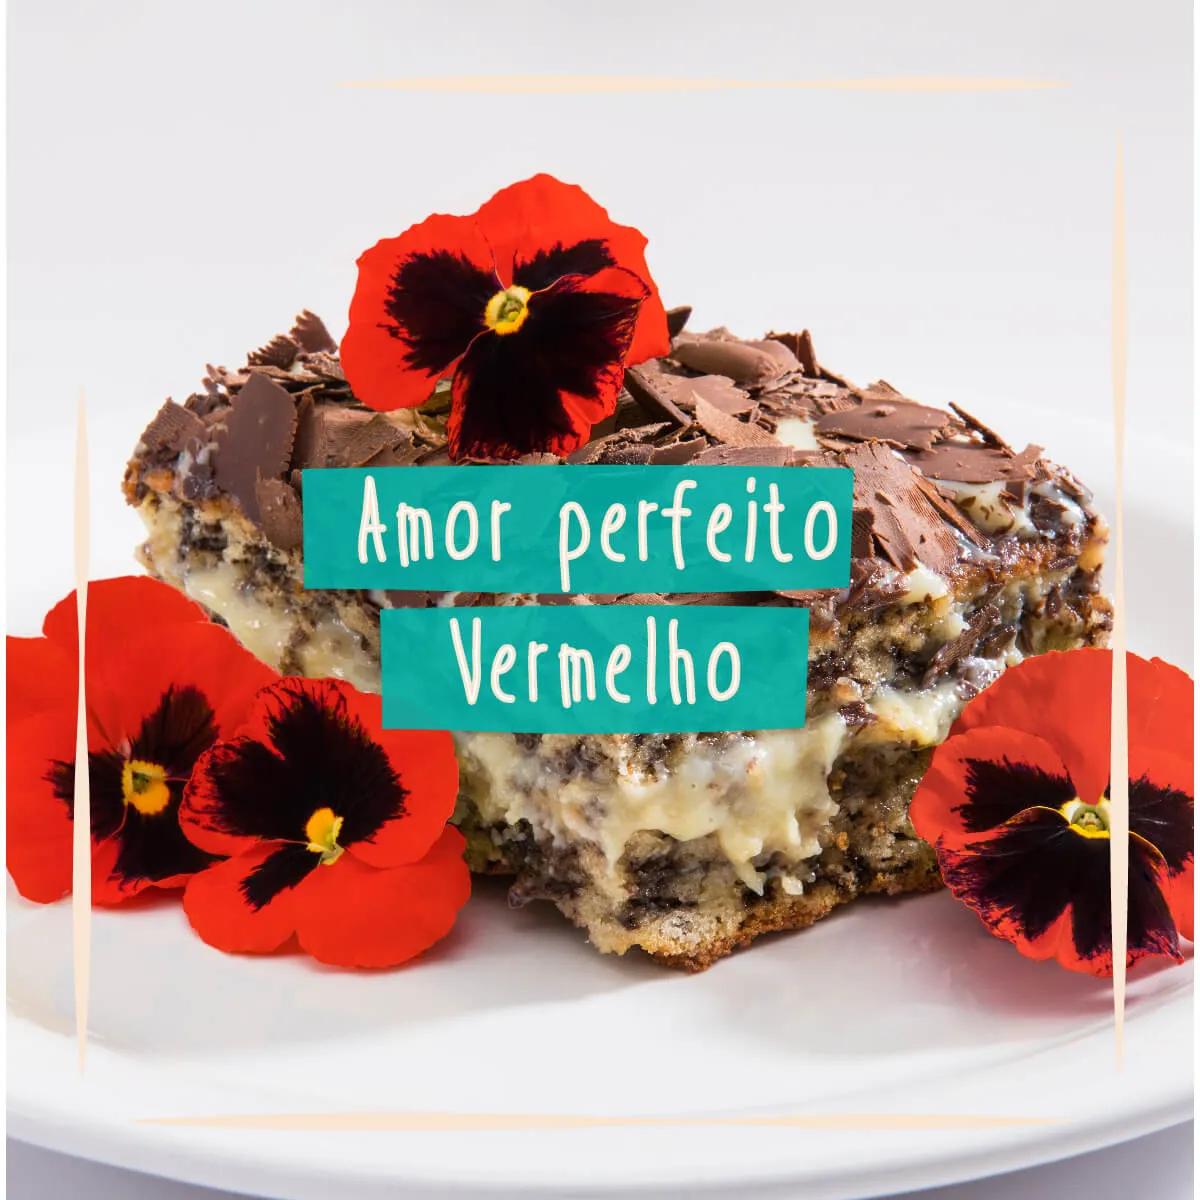 Sementes para plantar Amor Perfeito Vermelho Comestível  - Vasos Raiz Loja Oficial